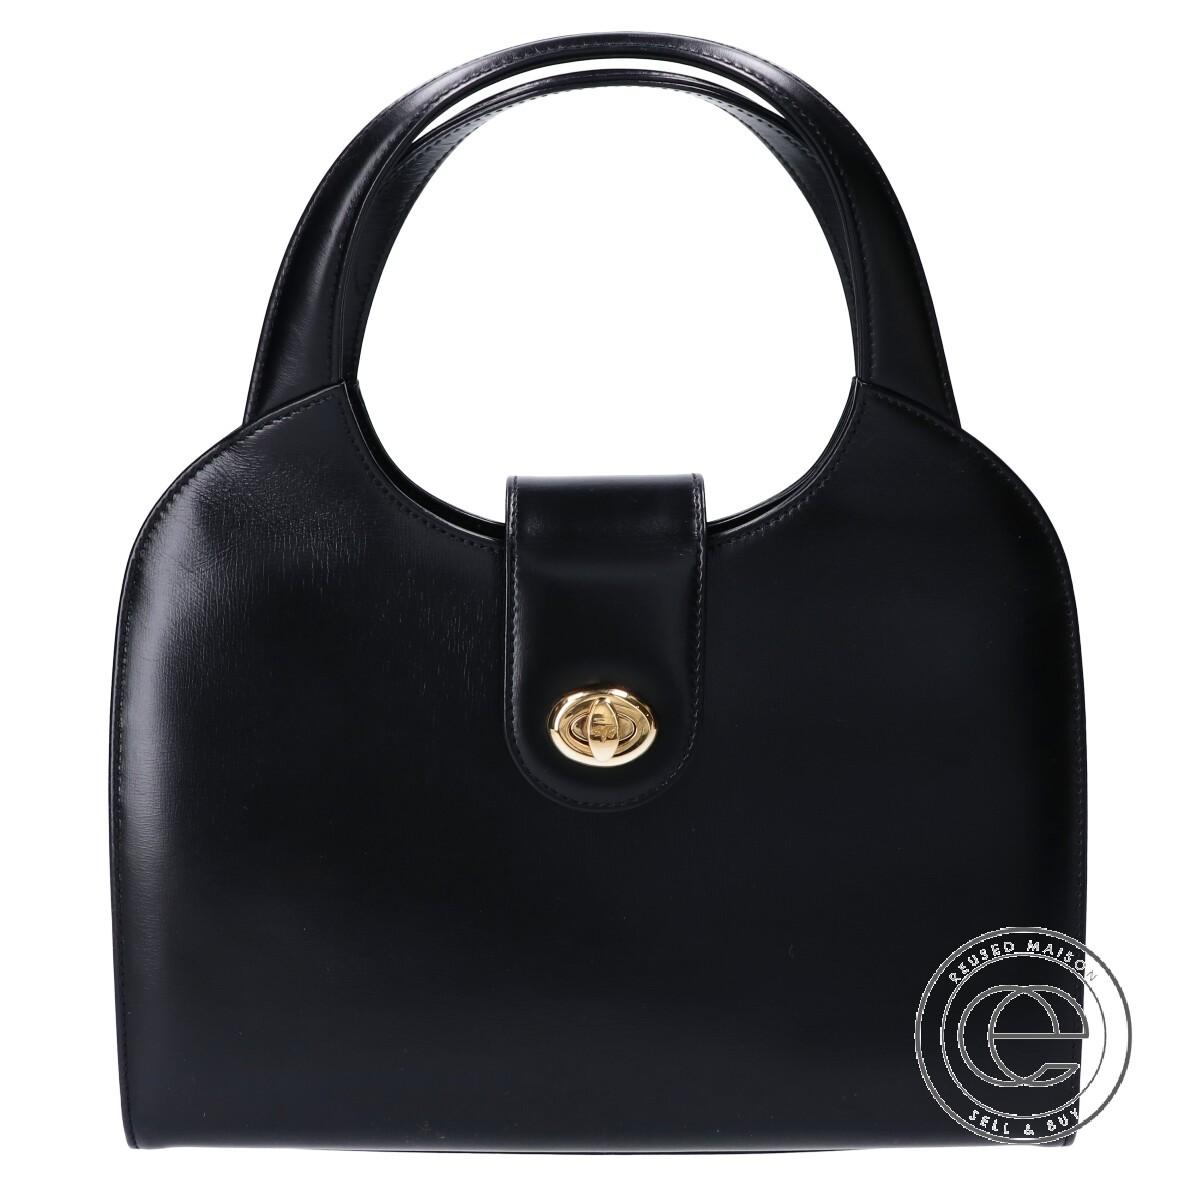 5%OFF TANINOCRISCI タニノクリスチー サークルハンドル GD金具 レザーフォーマル レディース ブラック セール 中古 ハンドバッグ